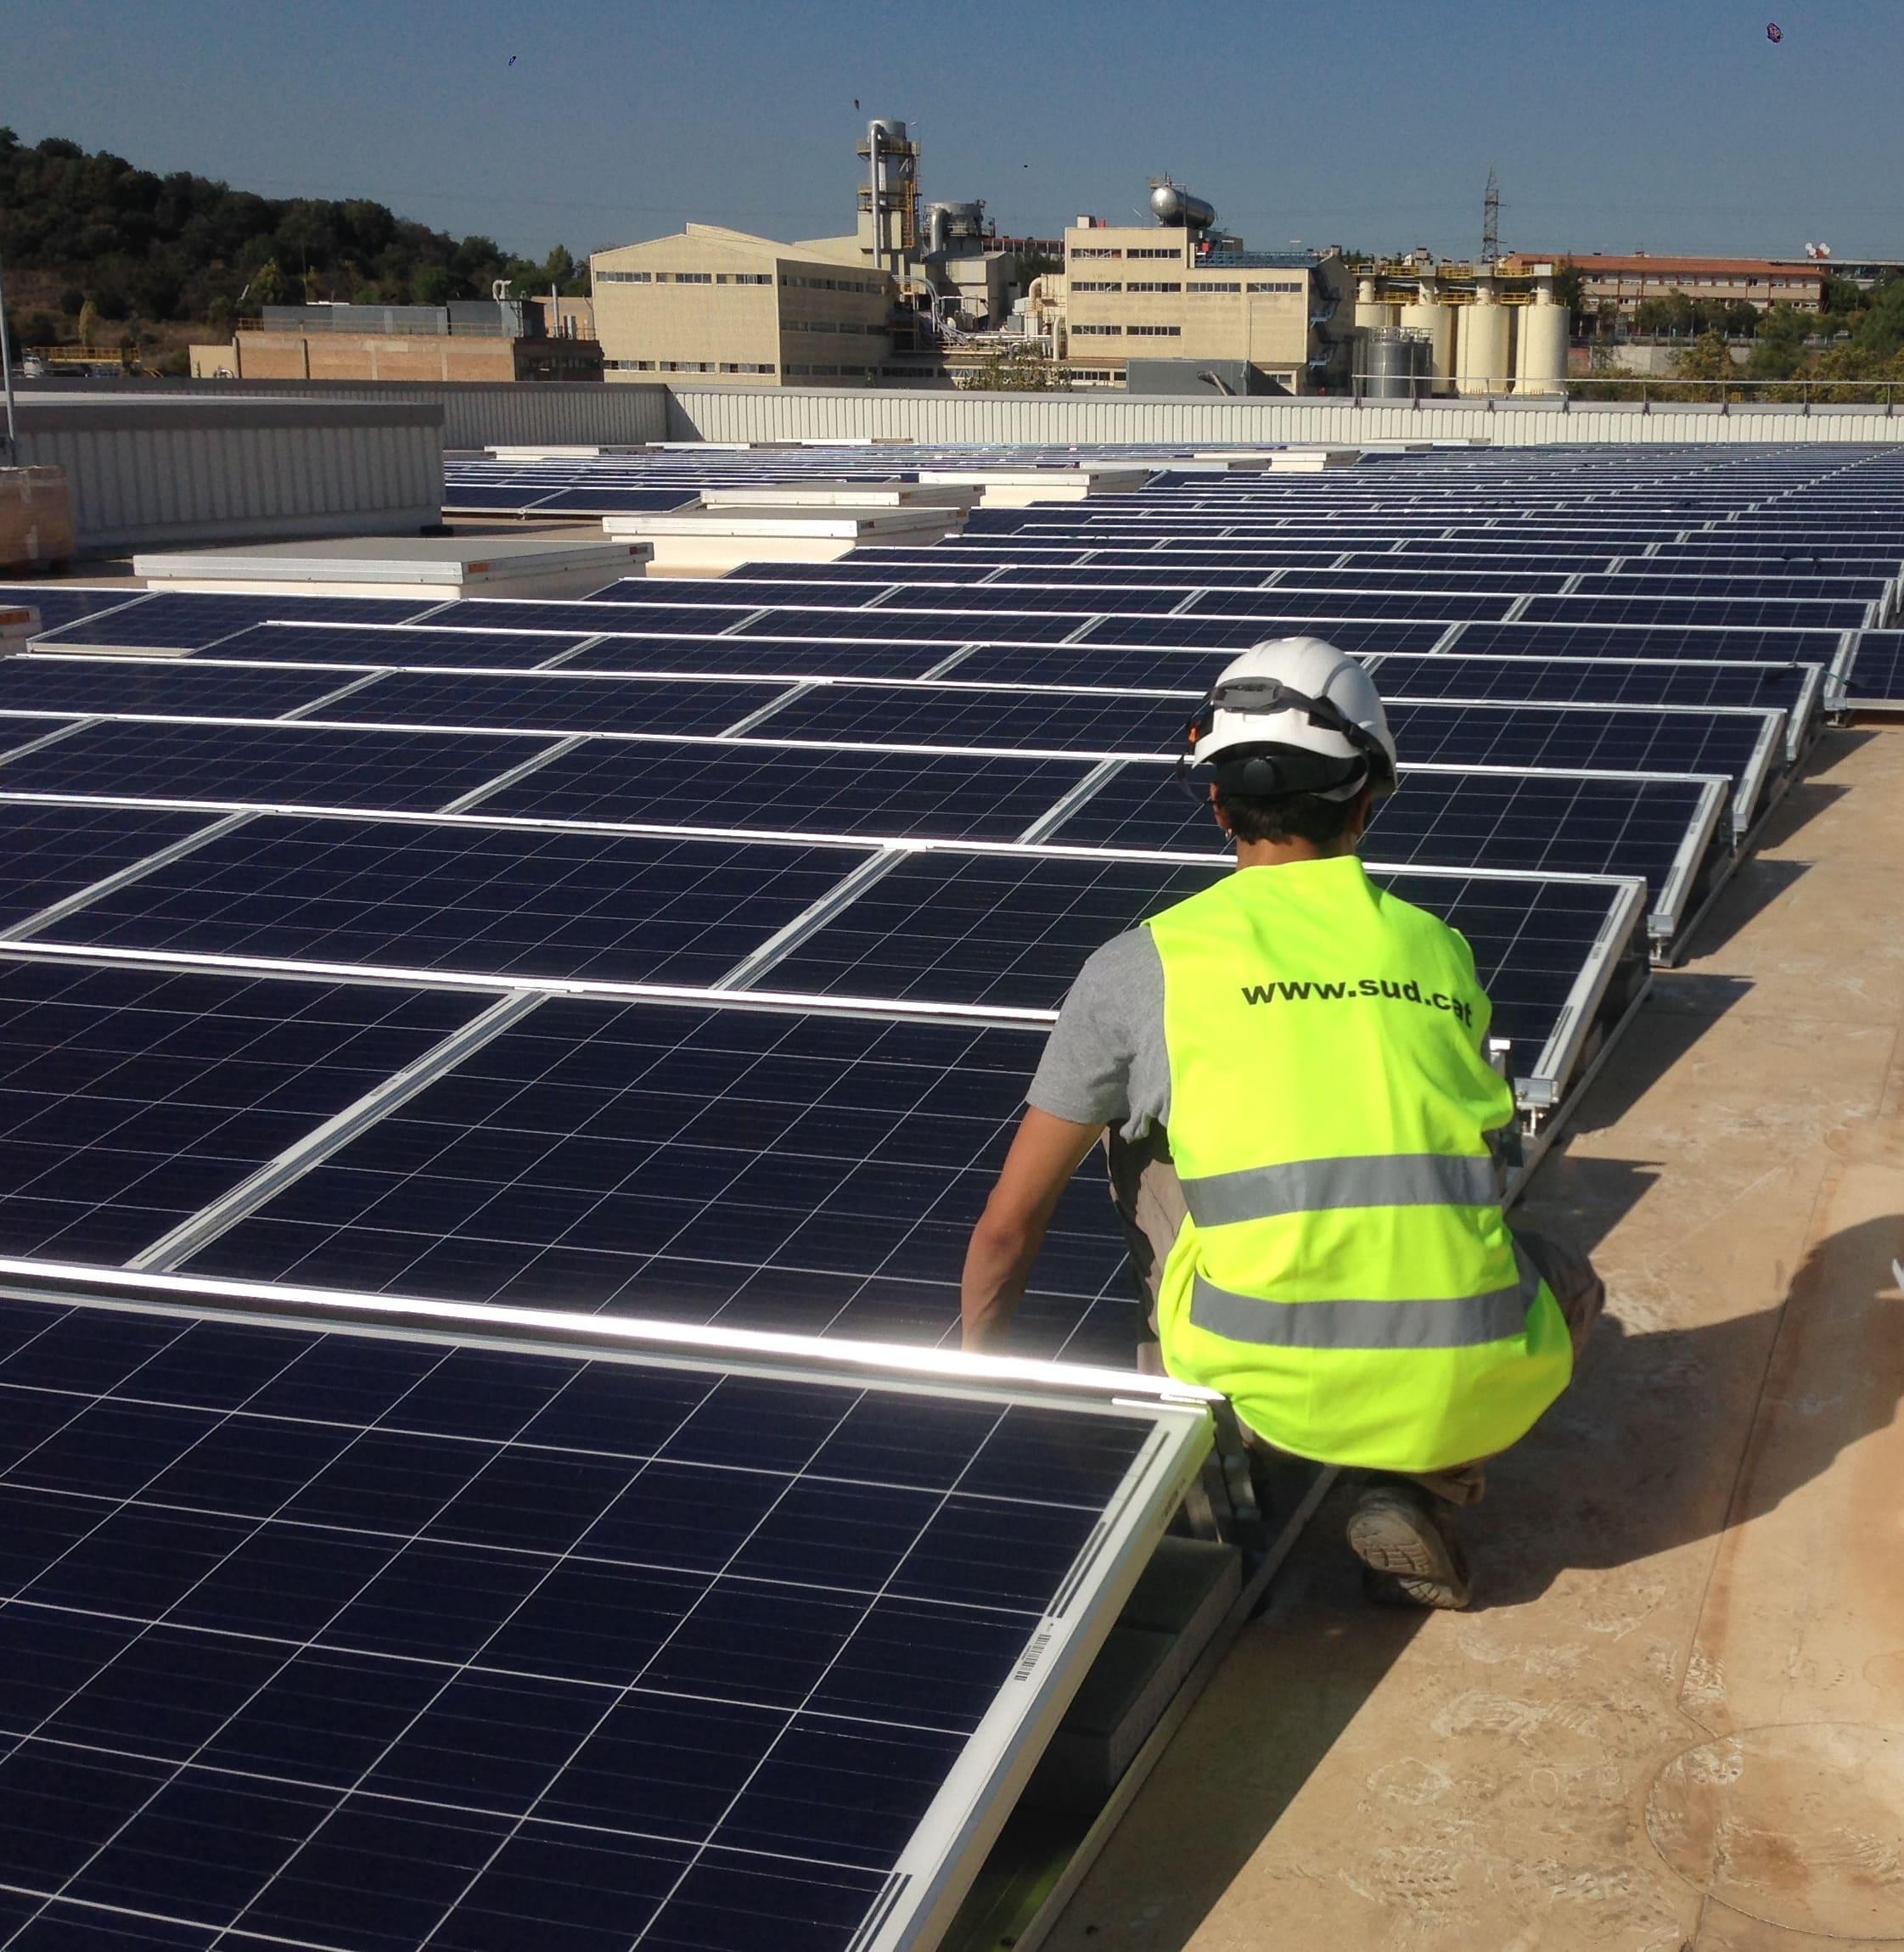 SUD Renovables bate su récord de instalación fotovoltaica y supera los 5 millones de euros de facturación